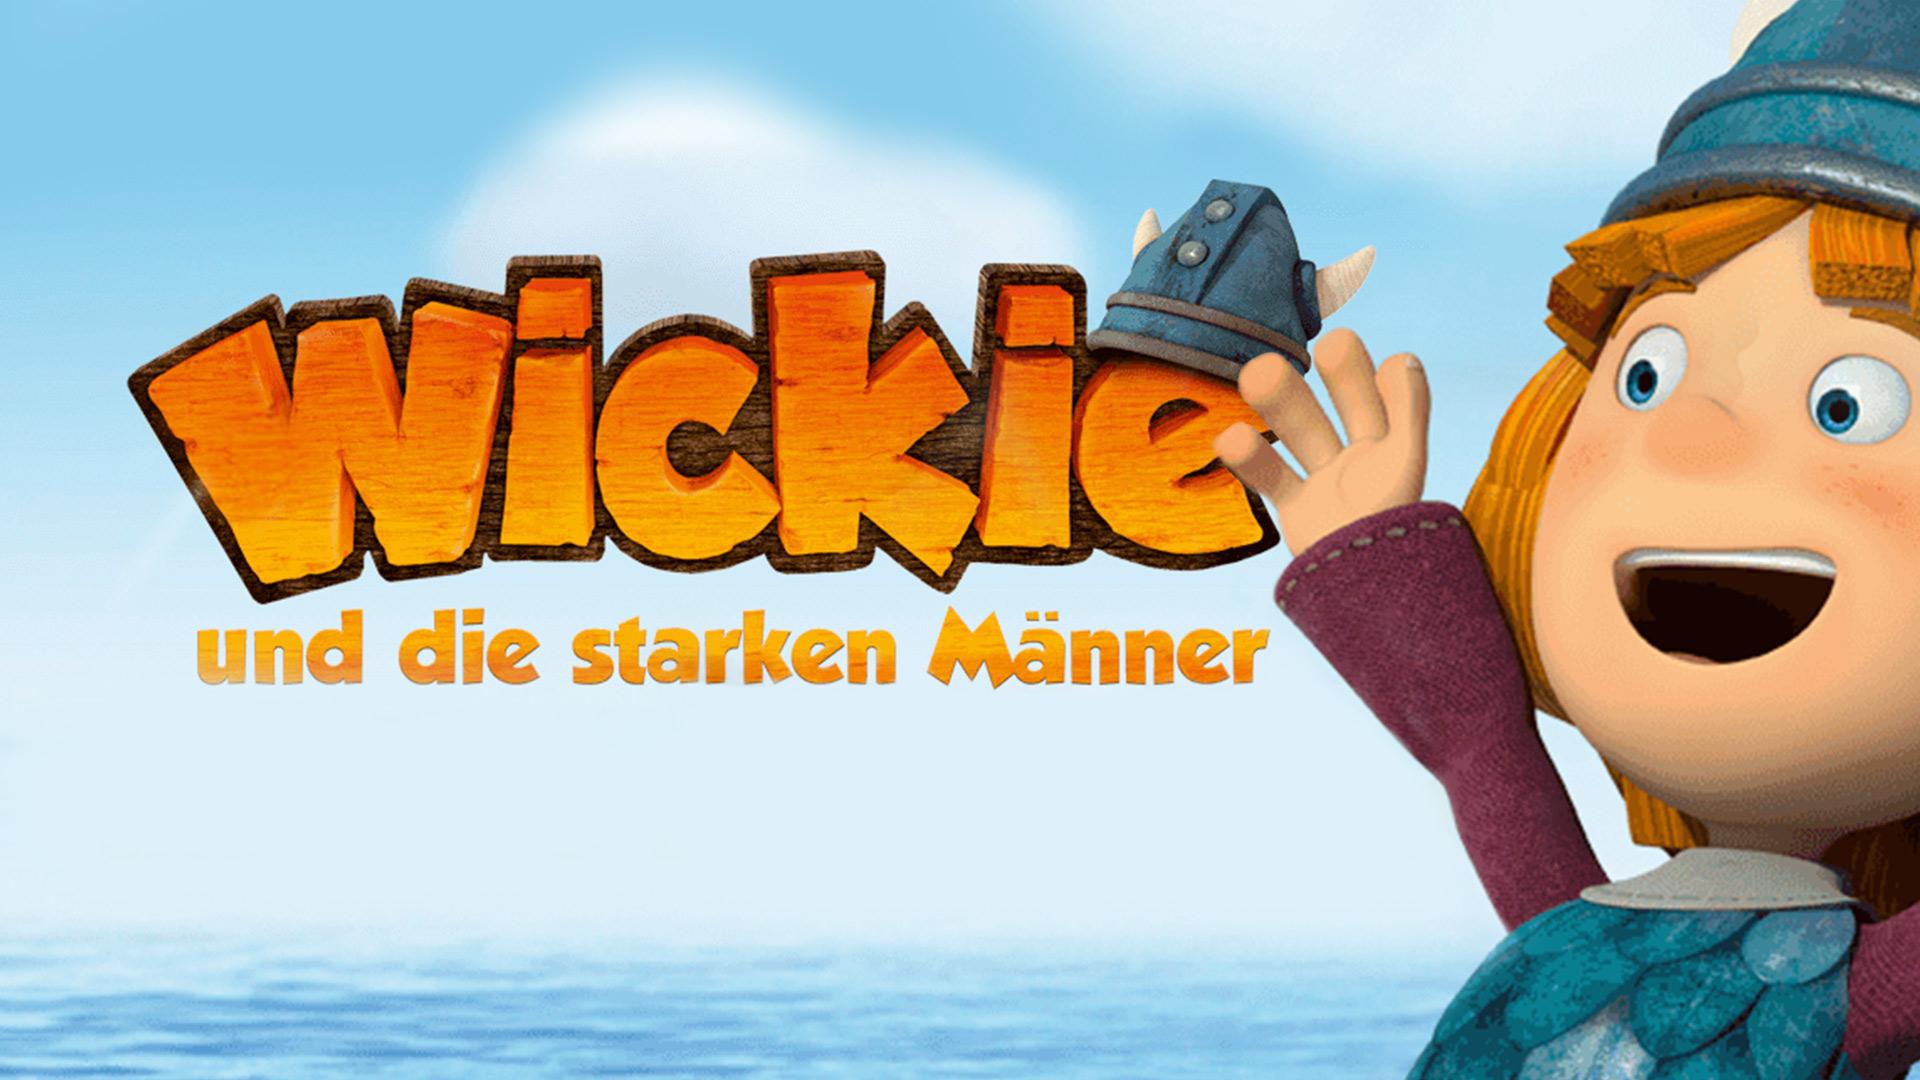 Wickie und die starken Männer (2014) - Staffel 1